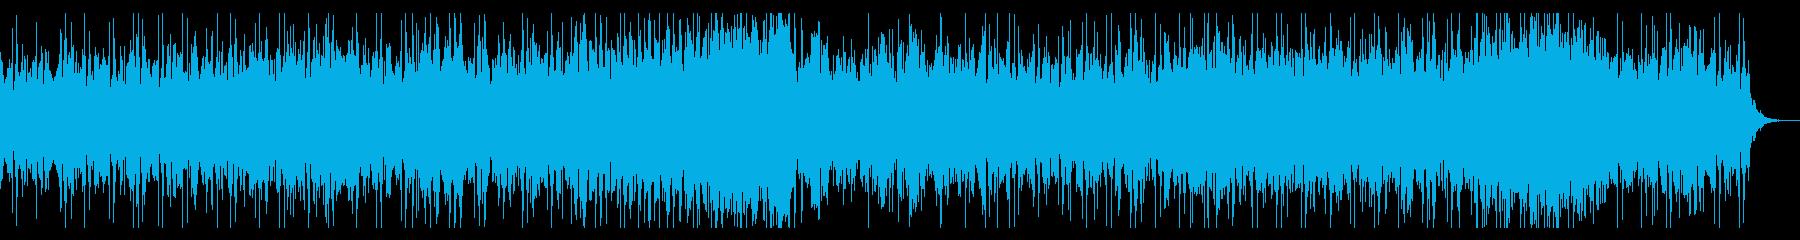 緊迫感かつゆったりめEDMの再生済みの波形